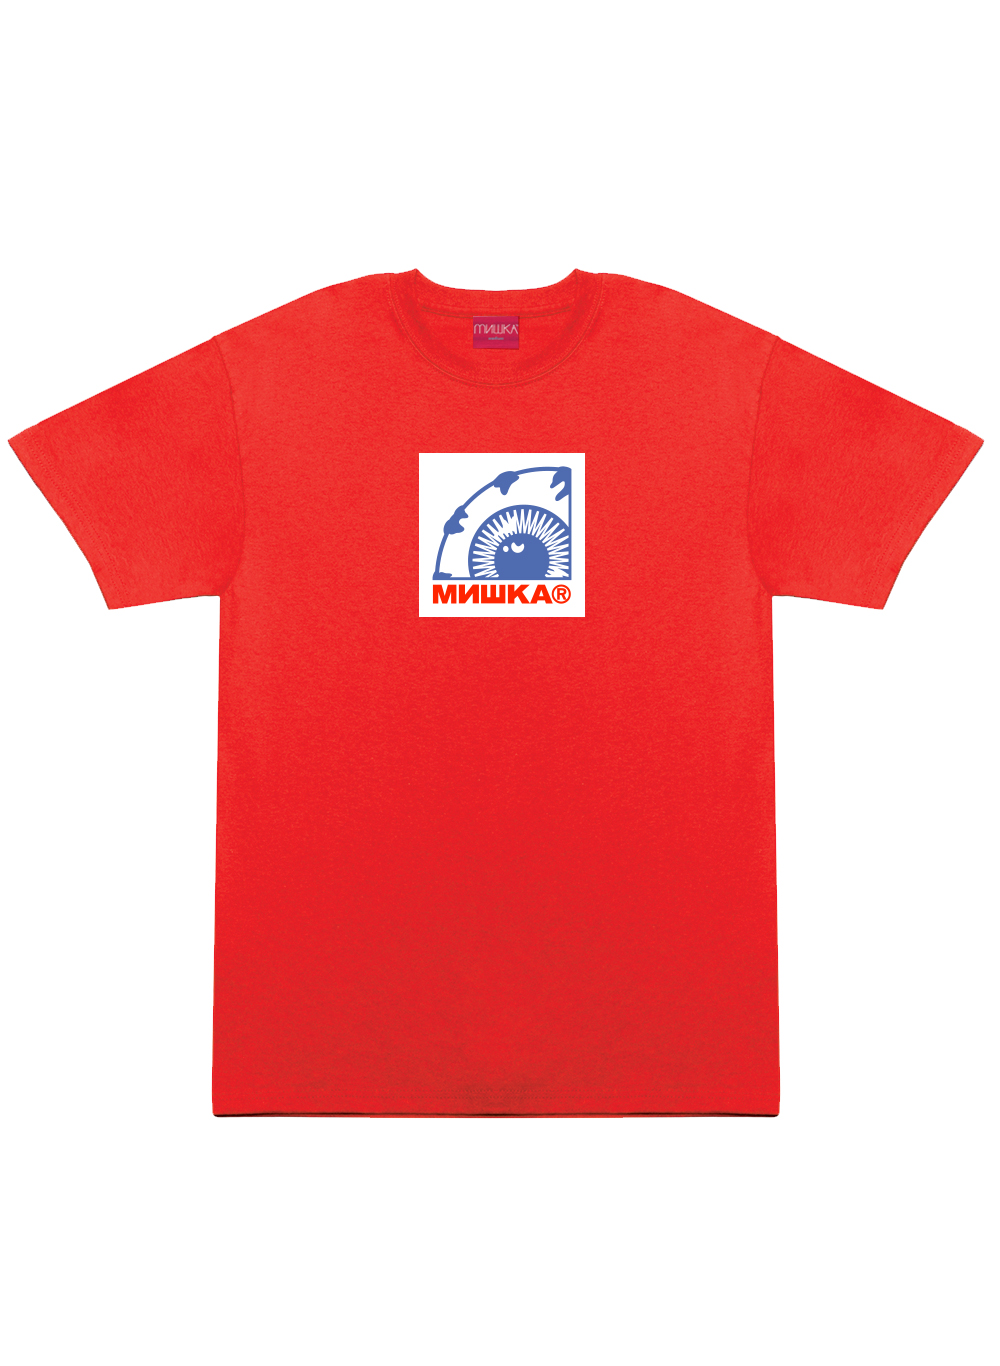 Keep Watch Supply Logo T-Shirt